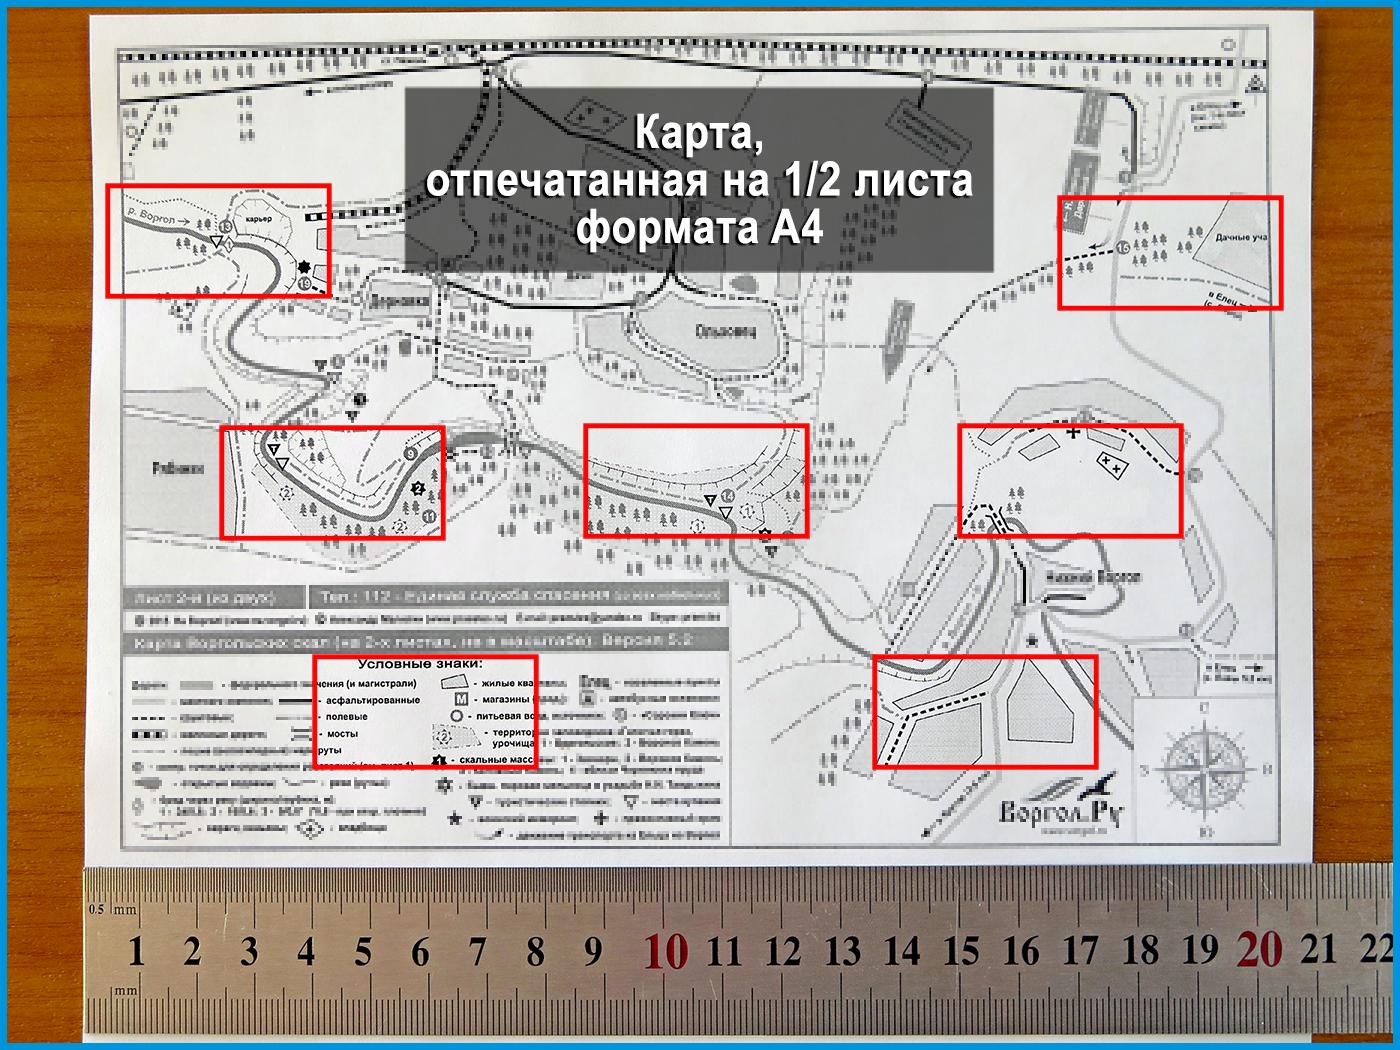 Карта, отпечатання на половине листа формата А4